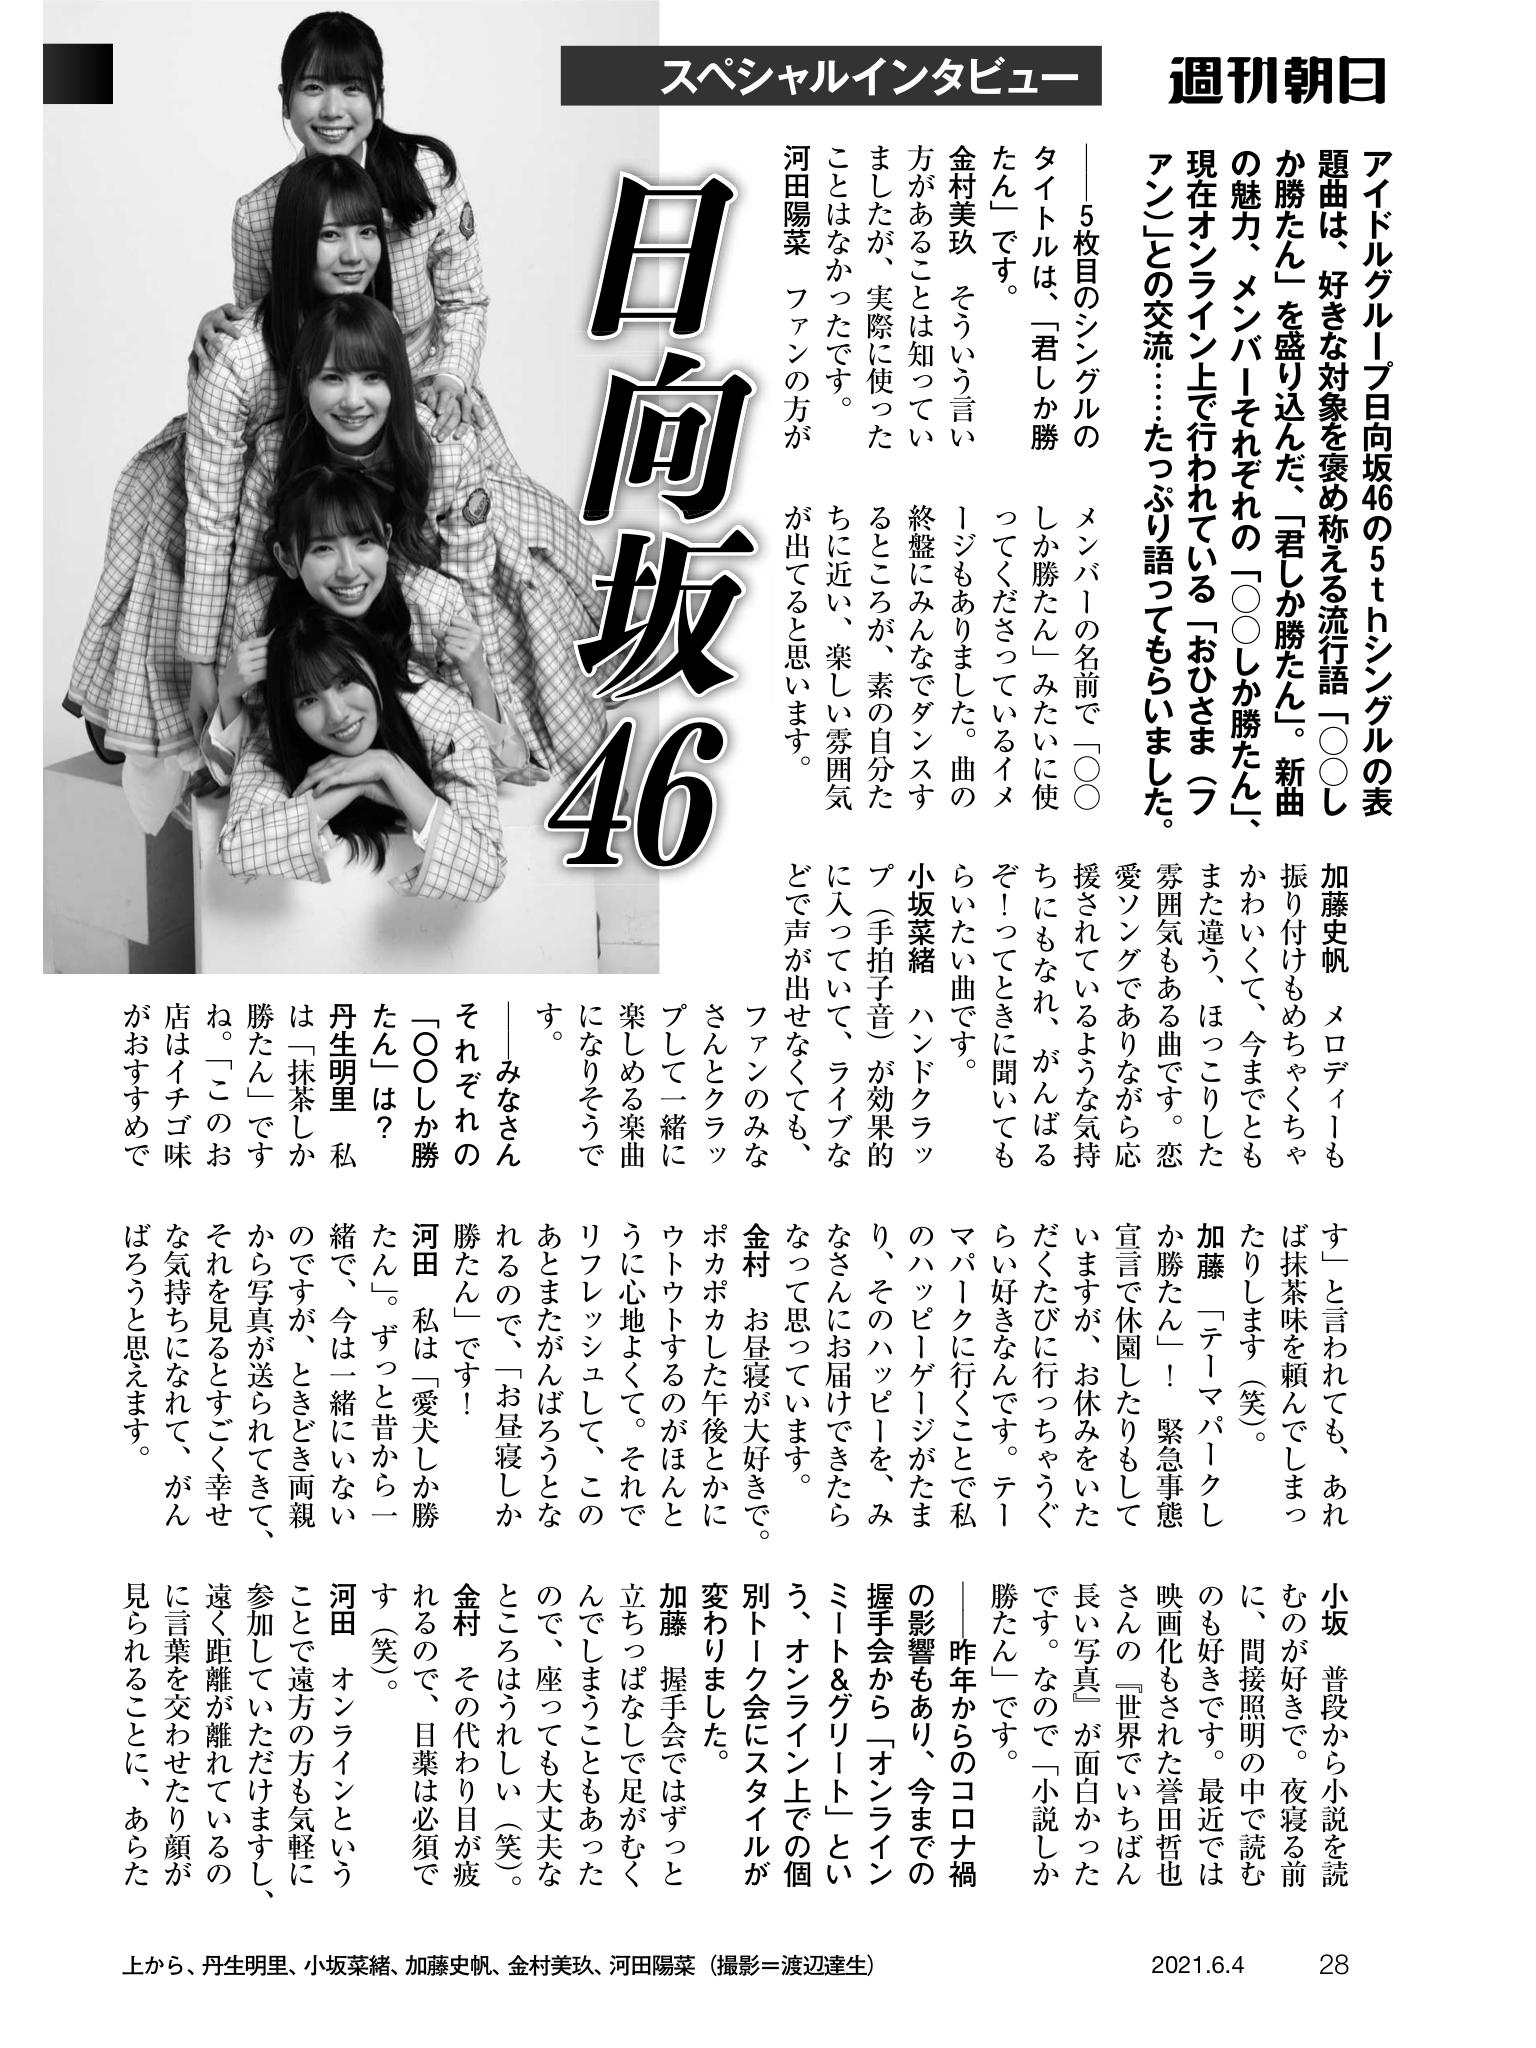 坂道系大合集第35弹